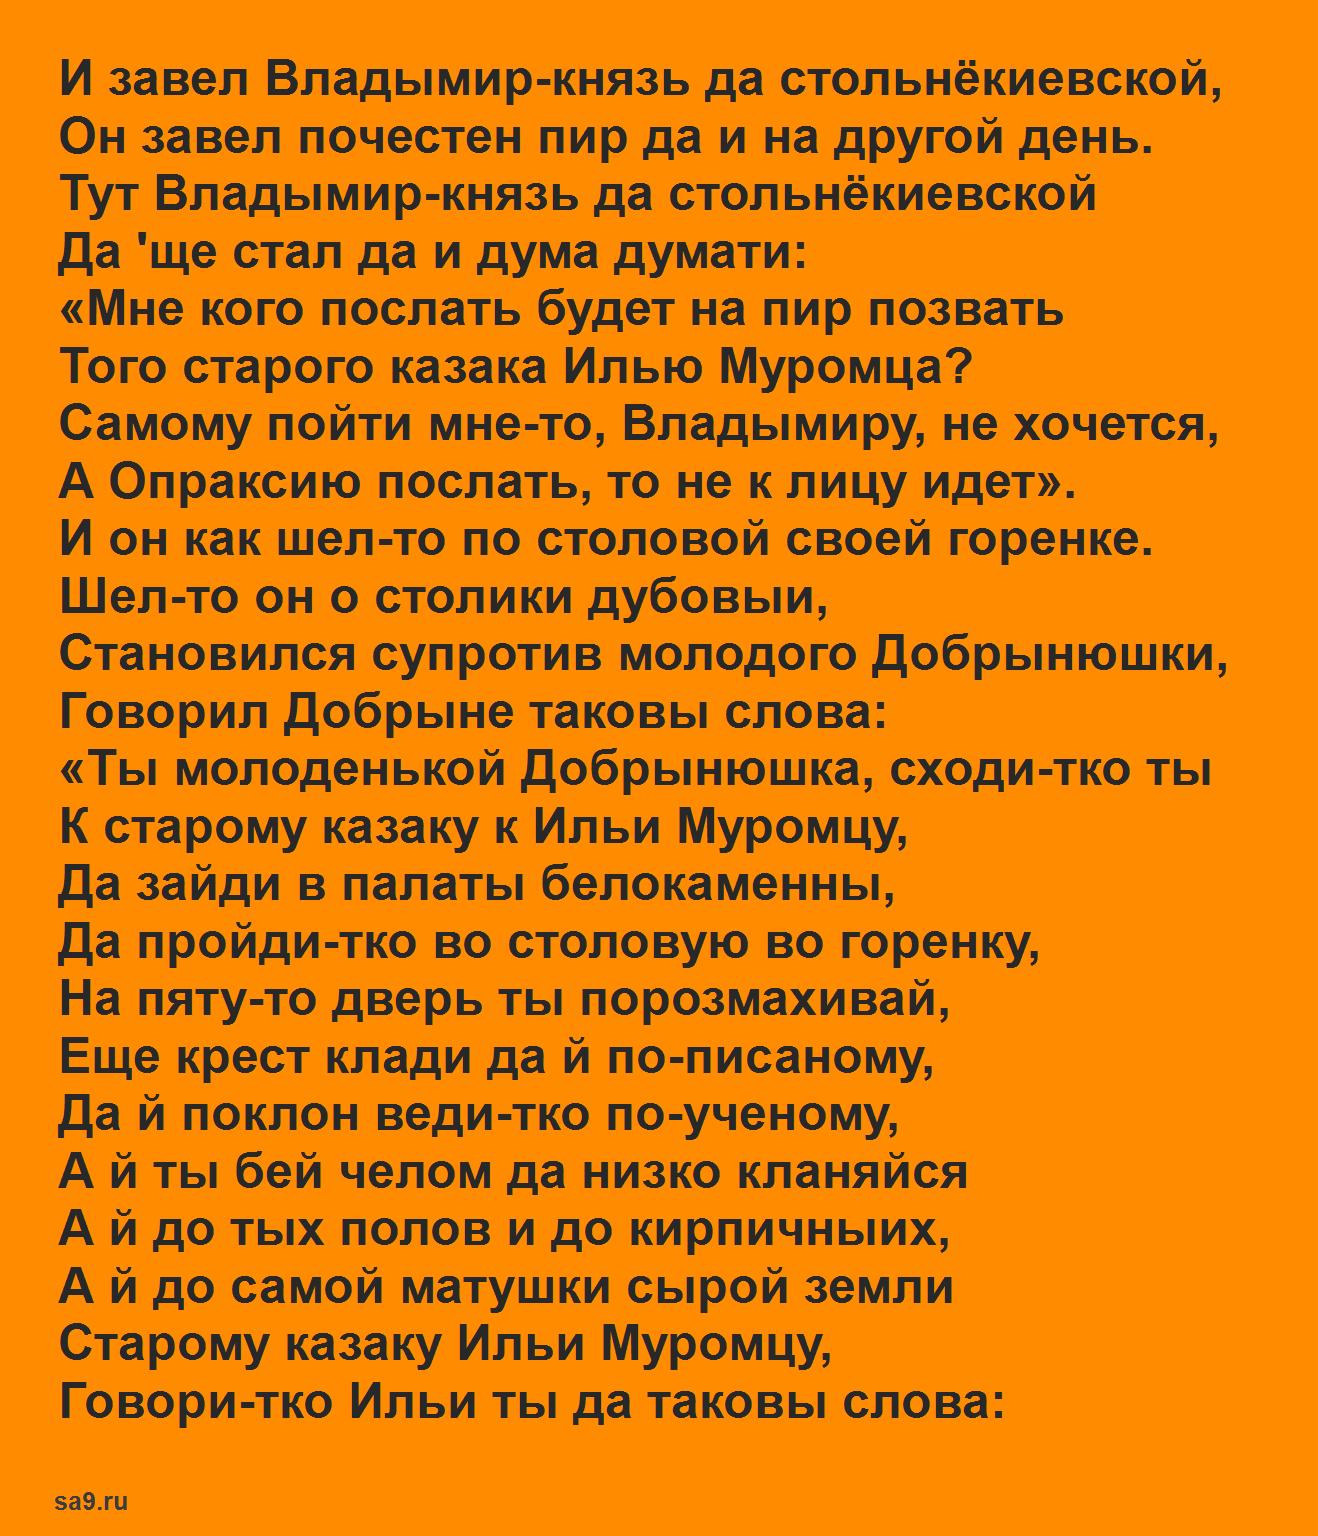 Читать былину - Илья Муромец и голи кабацкие, полностью